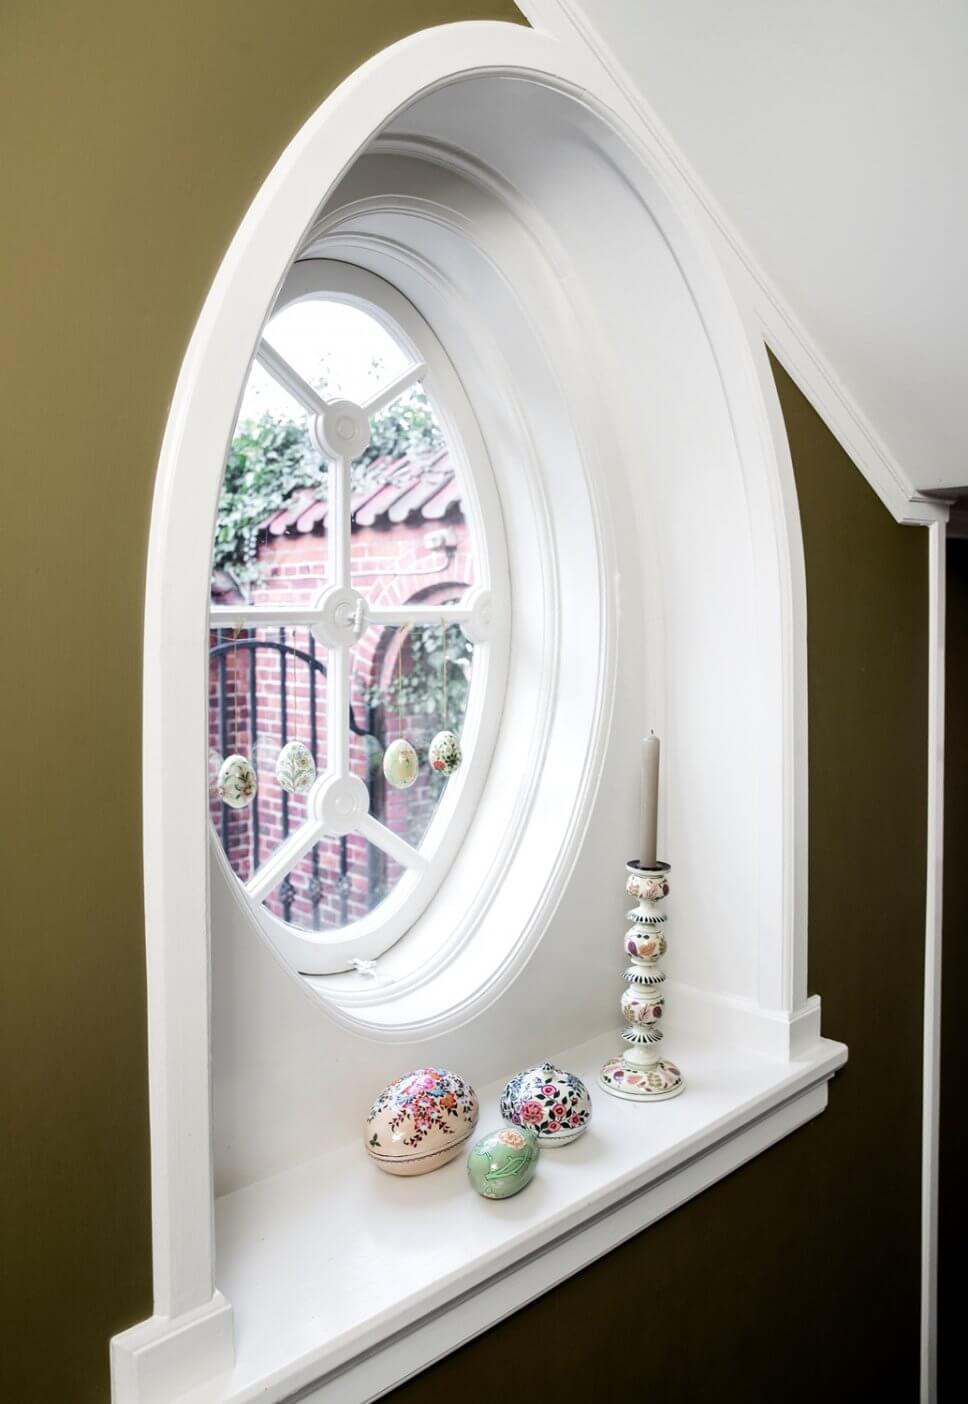 Ostereier hängen in rundem Altbaufenster, bemalte Holzeidosen liegen auf Fensterbank